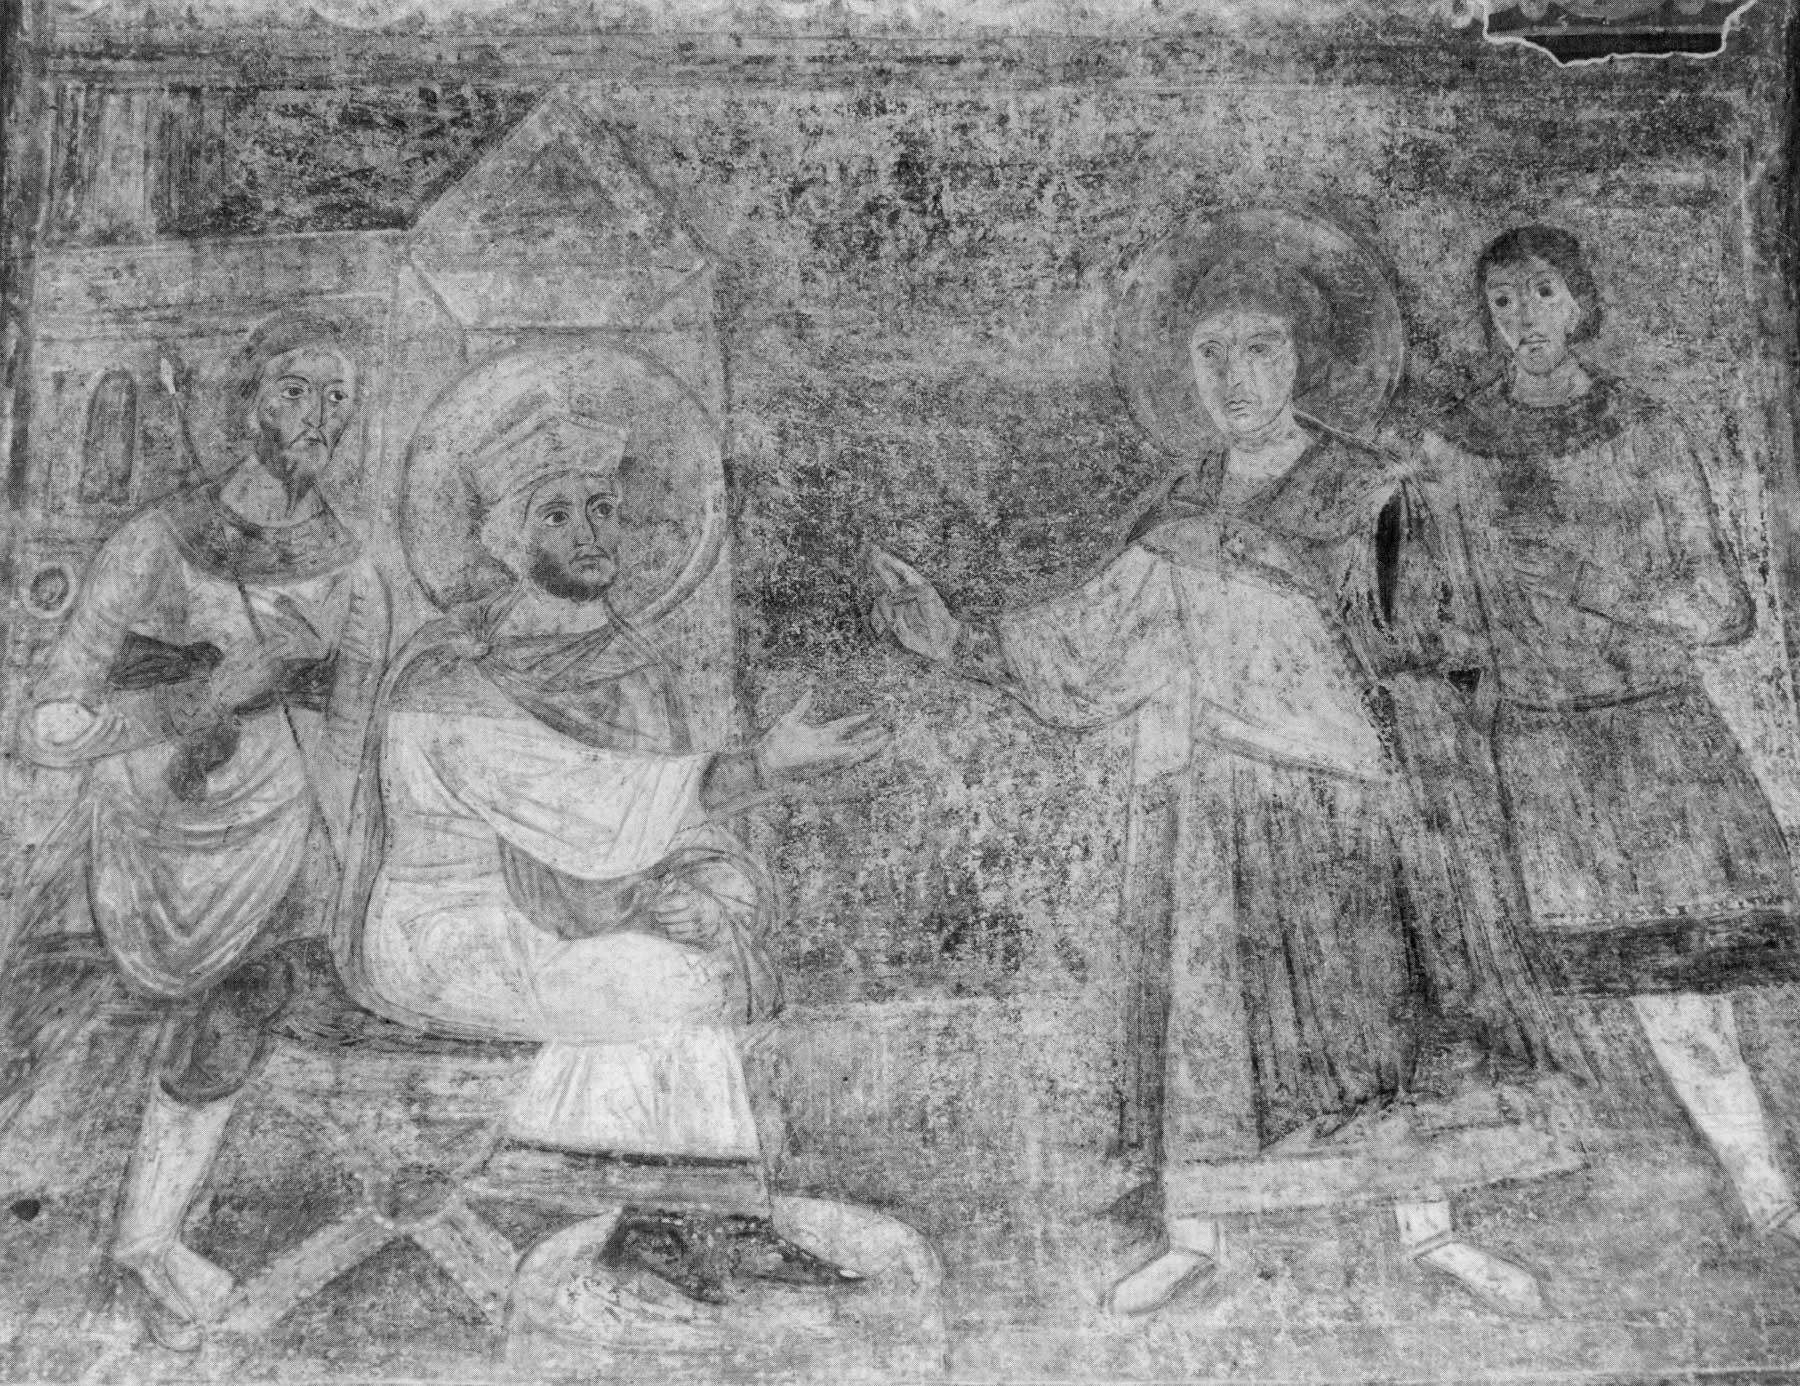 Допрос святого Георгия императором Диоклетианом